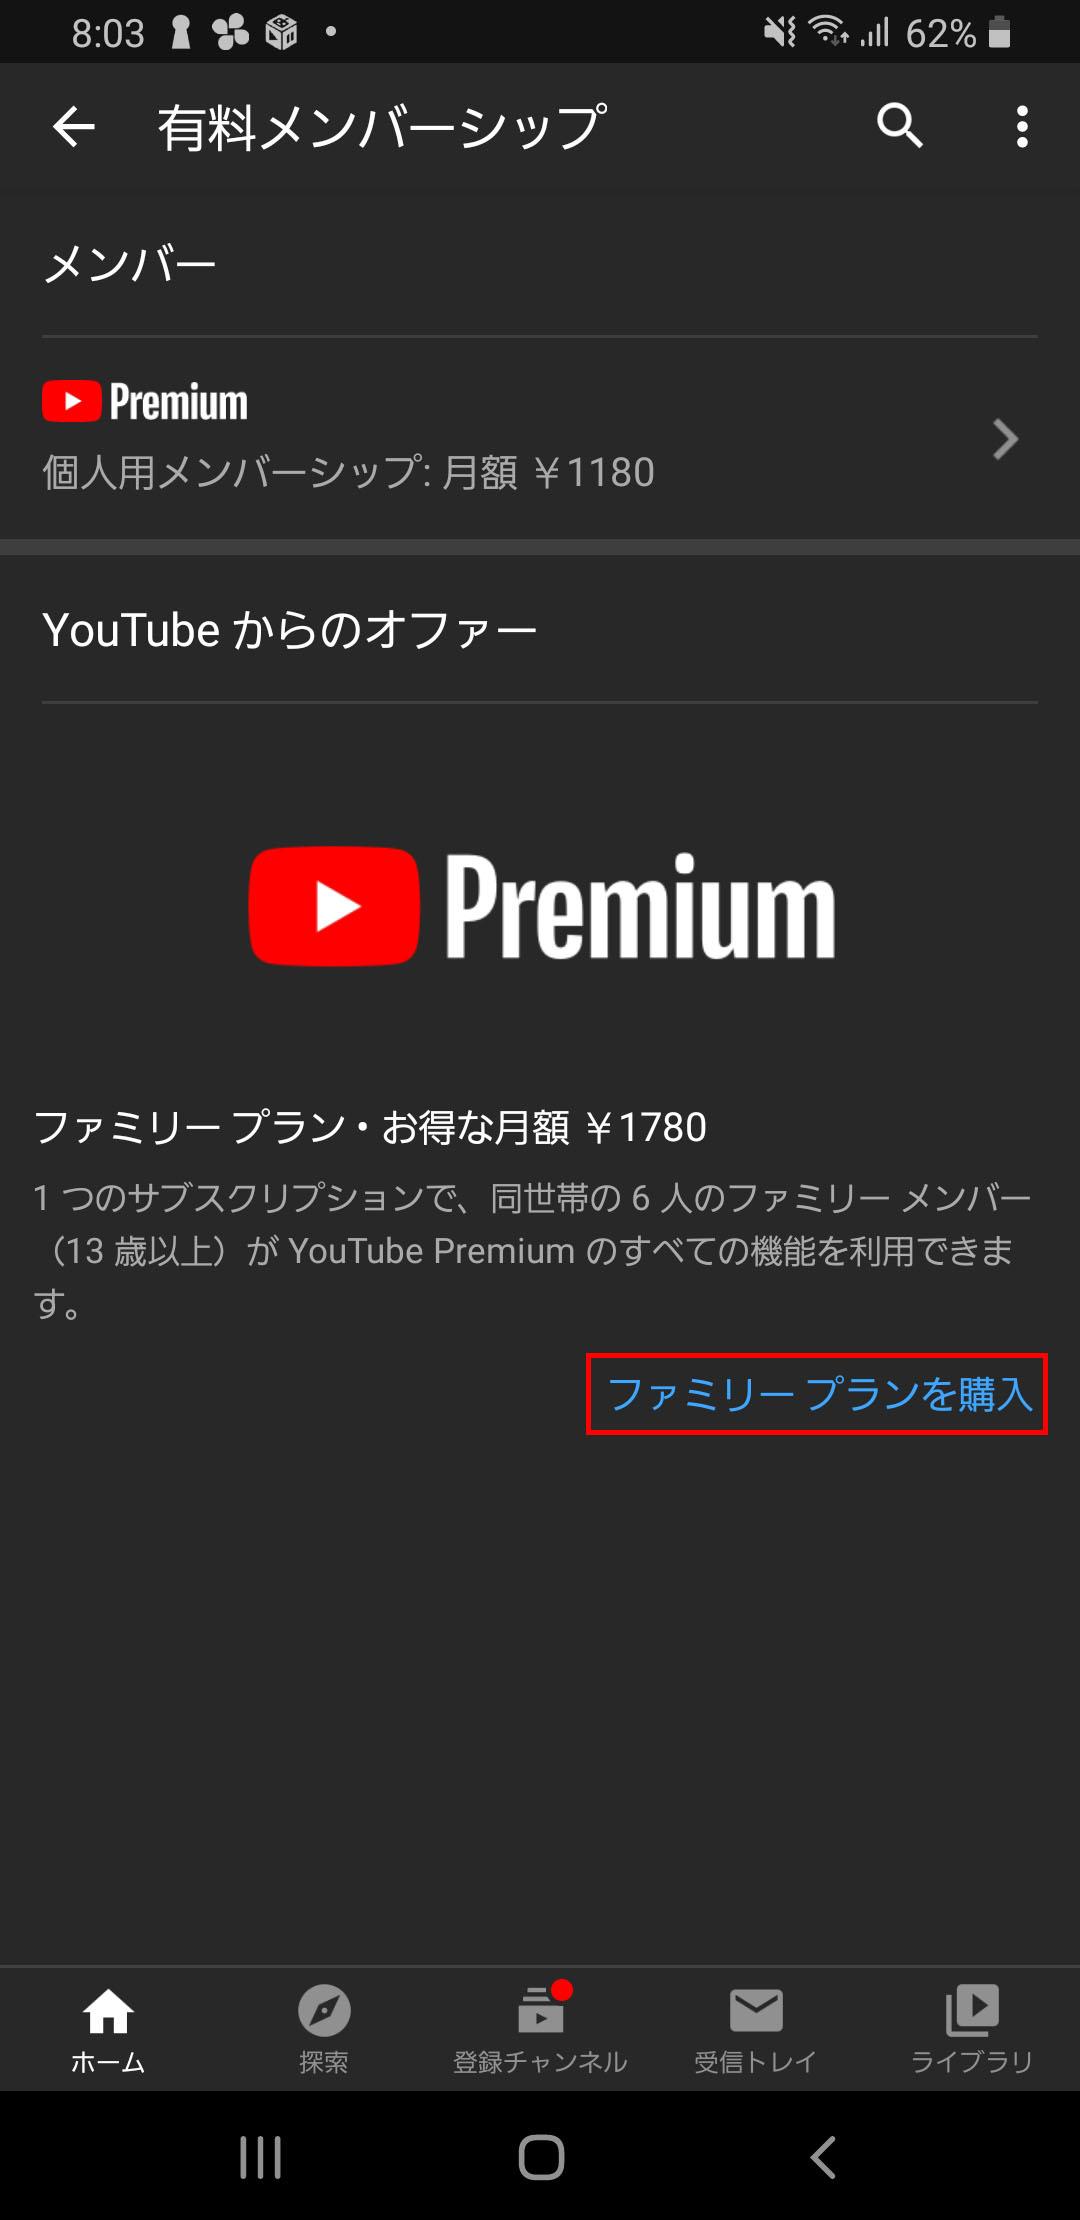 ファミリー youtube premium YouTubeプレミアムを500円以下で契約する方法解説(VPNを使います)